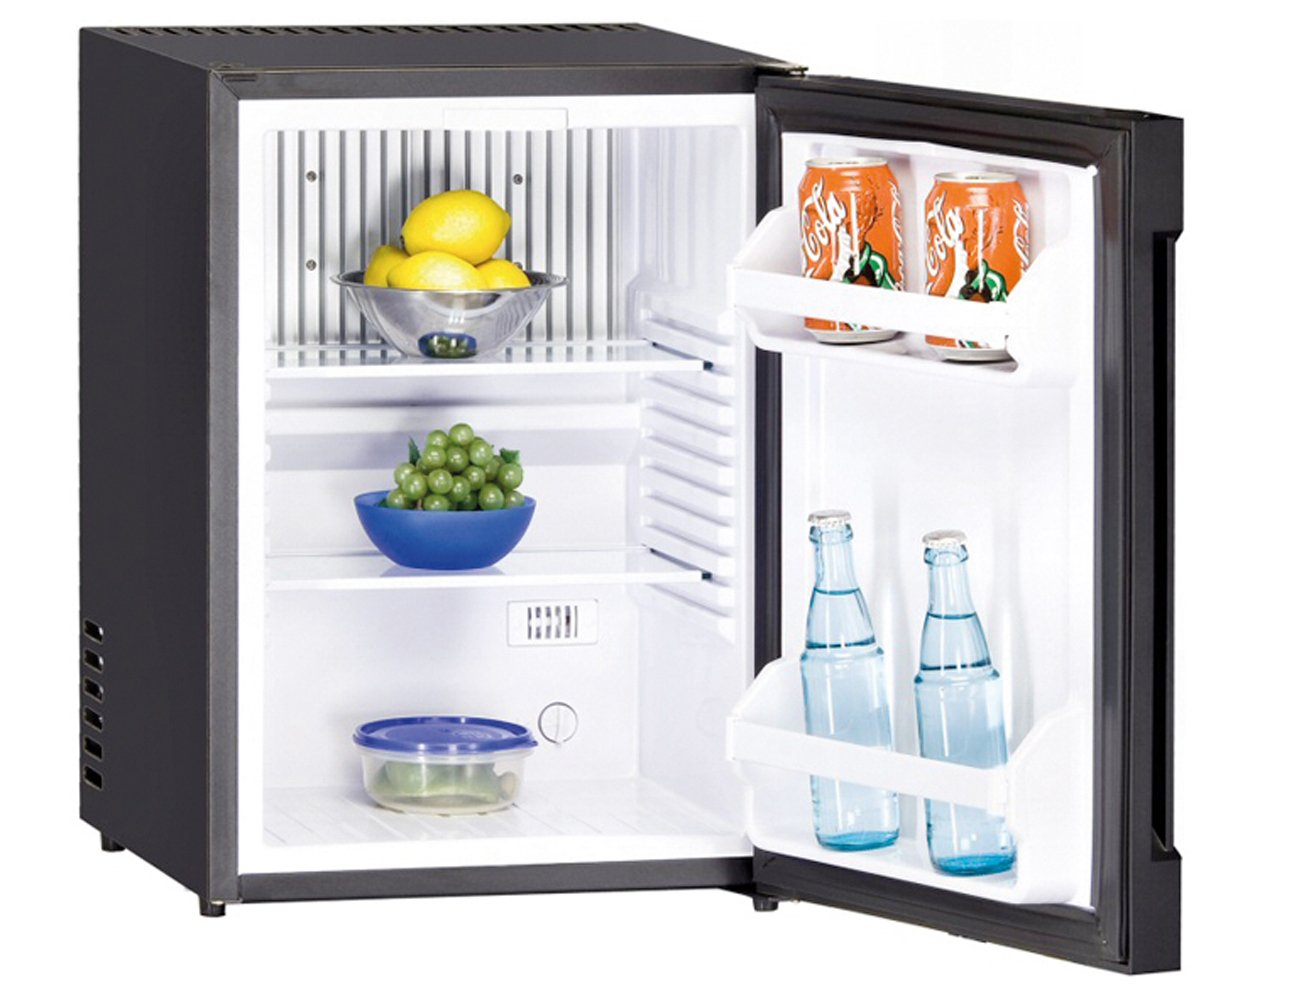 Kleiner Kühlschrank Einbau : Exquisit fa einbau kühlschrank kwh jahr l kühlteil